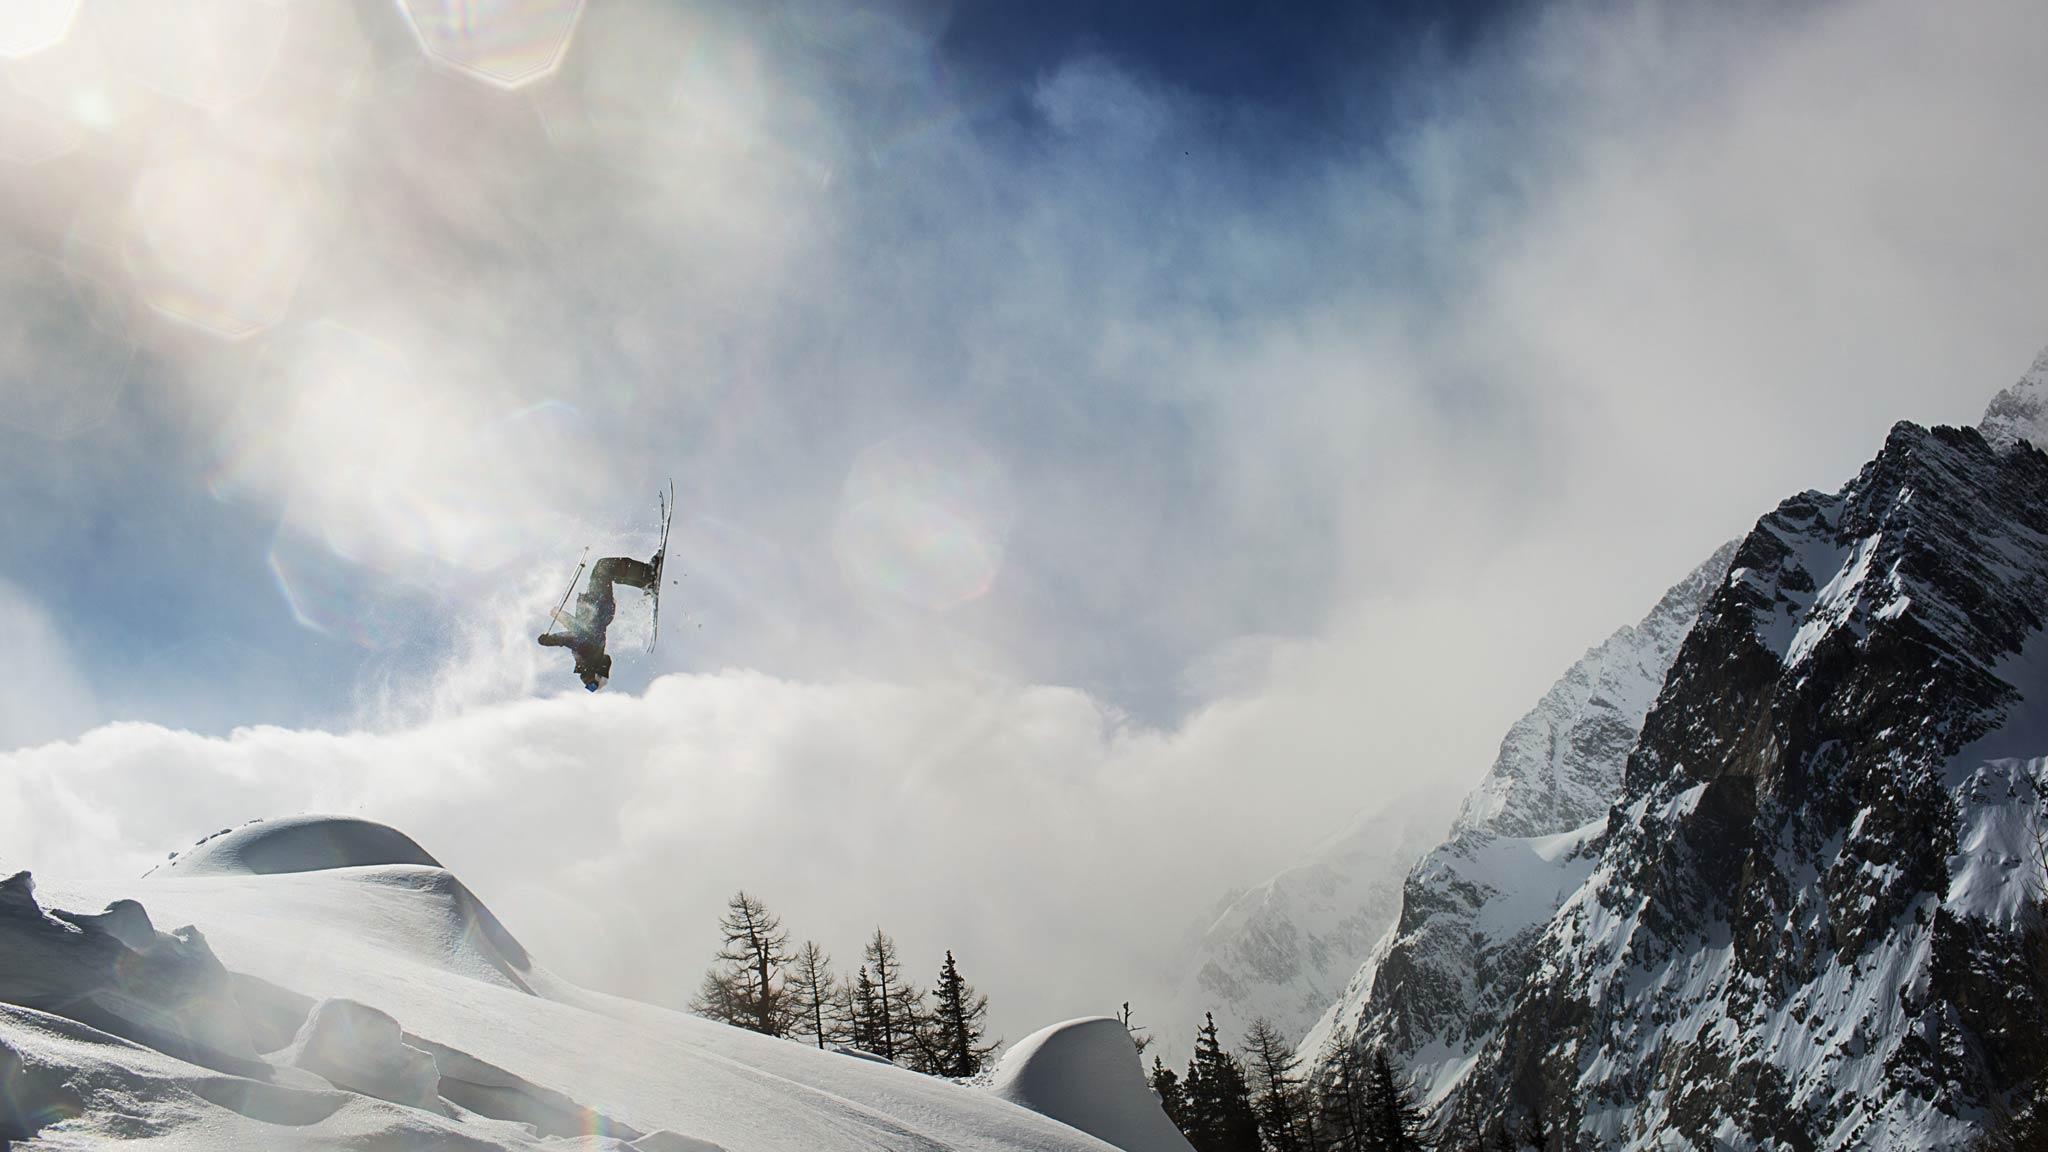 Foto: Felix Germain - Rider: Julien Eustache